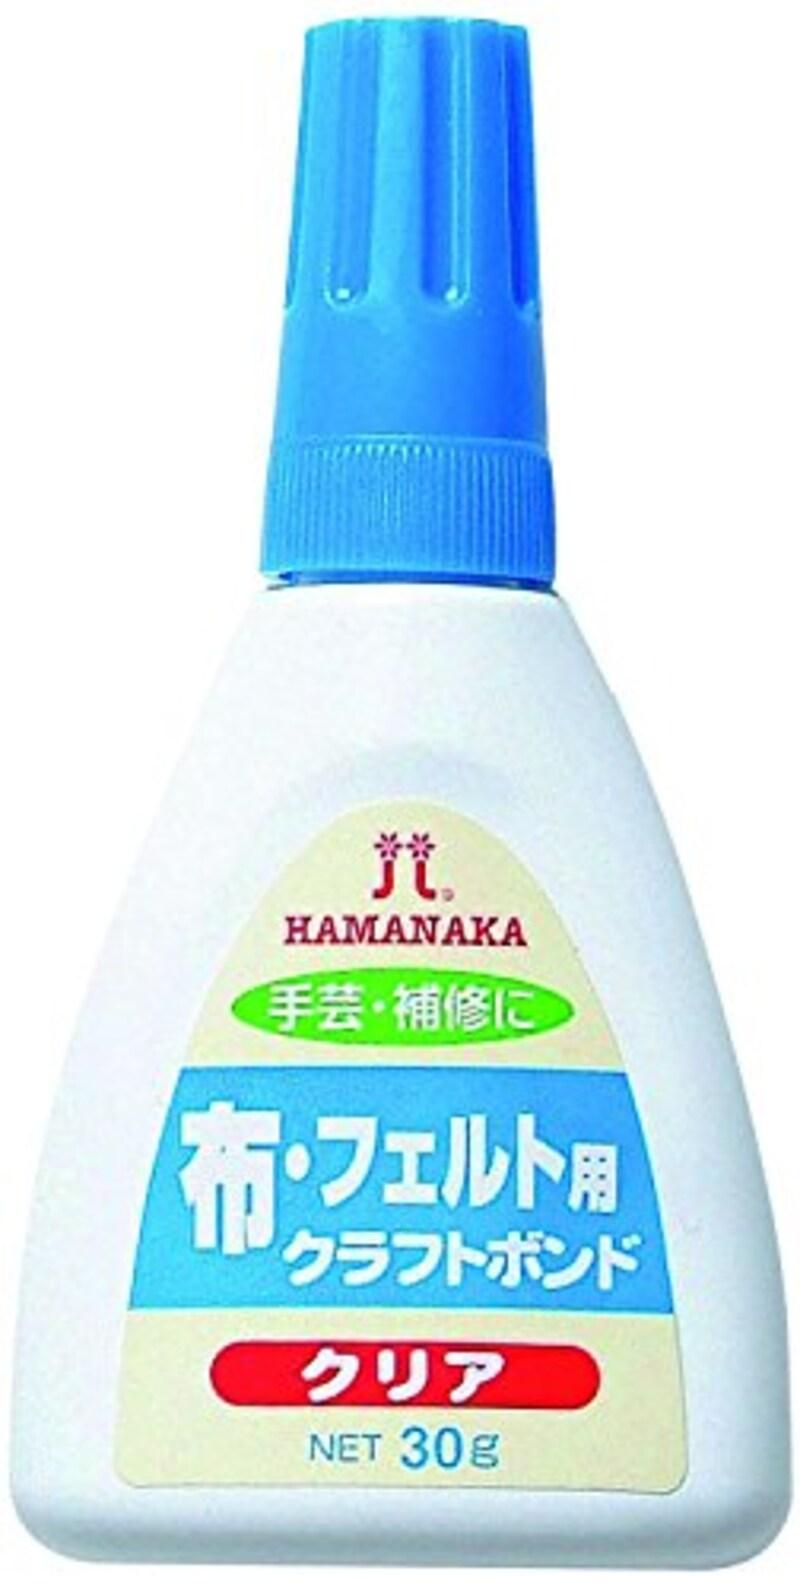 ハマナカ(HAMANAKA),布・フェルト用クラフトボンド,H464-012